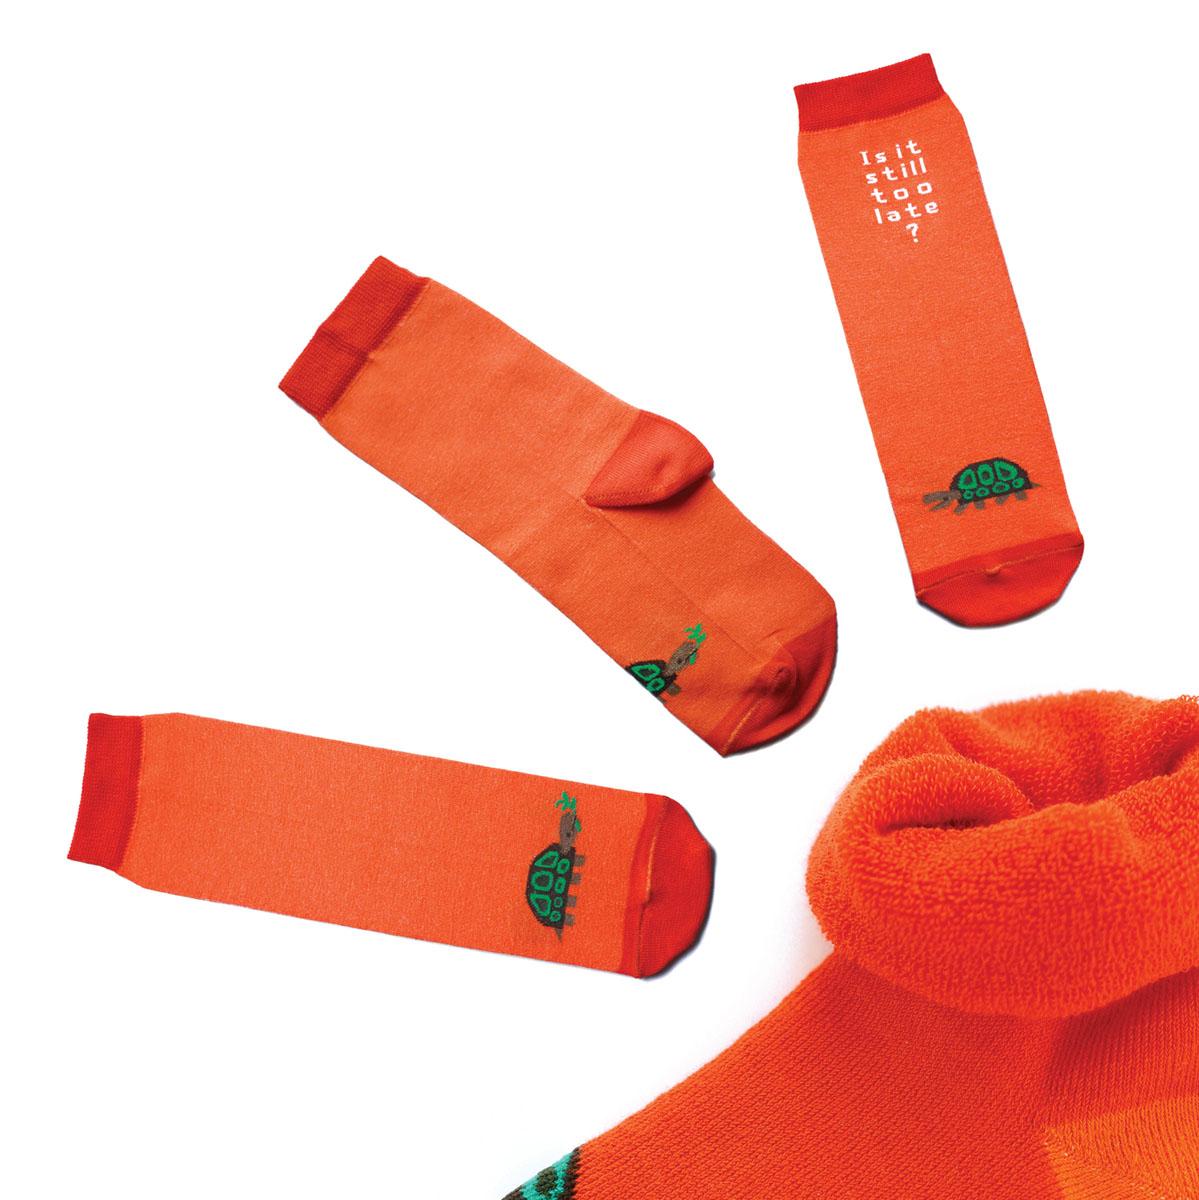 ca1523Яркие женские носки Big Bang Socks изготовлены из высококачественного хлопка с добавлением полиамидных и эластановых волокон, которые обеспечивают великолепную посадку. Носки отличаются ярким стильным дизайном. Они оформлены изображением черепахи и надписью на английском языке. Удобная резинка идеально облегает ногу и не пережимает сосуды, усиленные пятка и мысок повышают износоустойчивость носка, а удлиненный паголенок придает более эстетичный вид. Дизайнерские носки Big Bang Socks - яркая деталь в вашем образе и оригинальный подарок для друзей и близких.